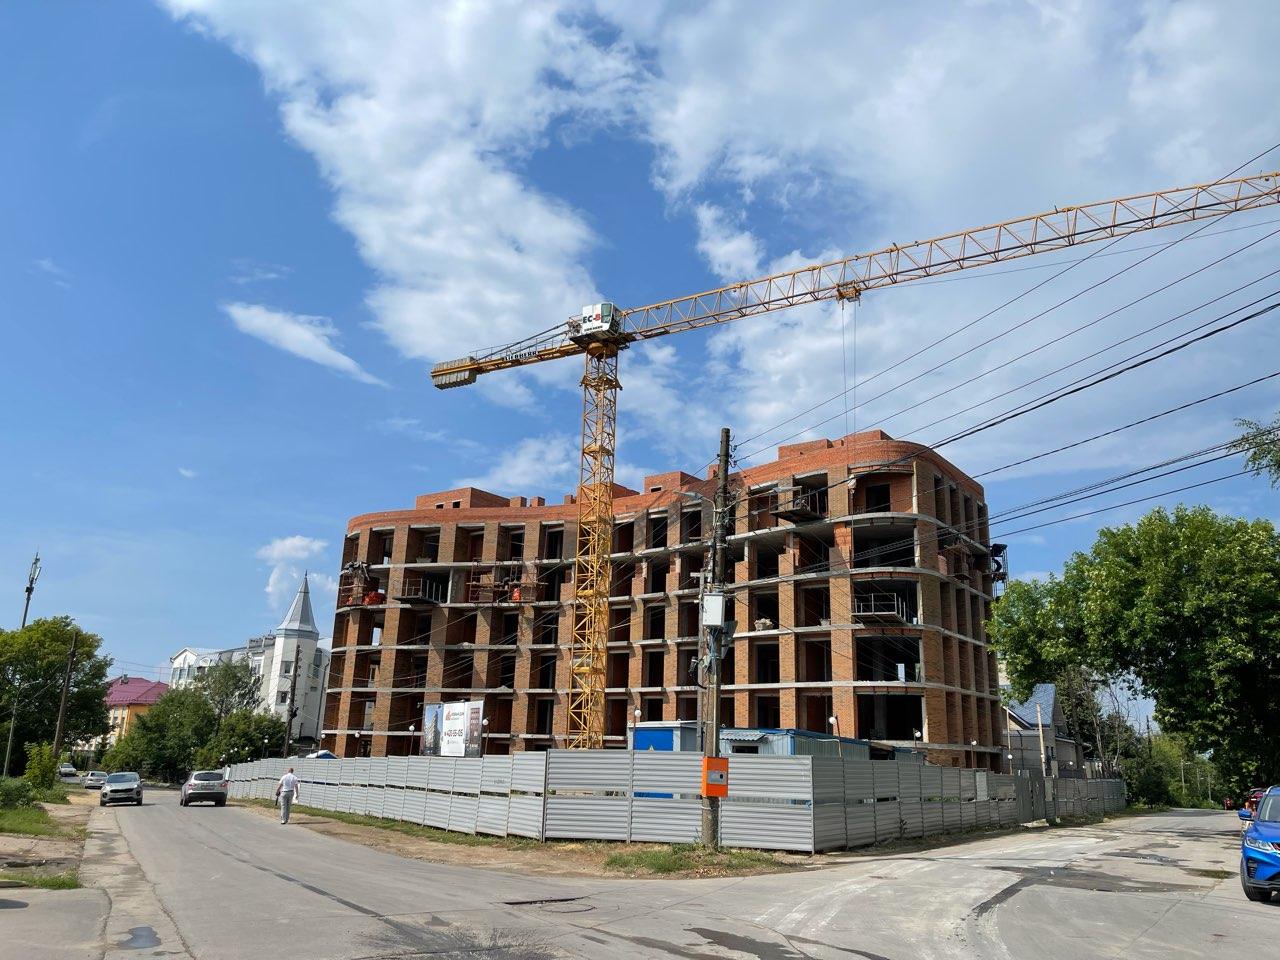 Вице-премьер назвал требуемые темпы роста ввода жилья в регионах России